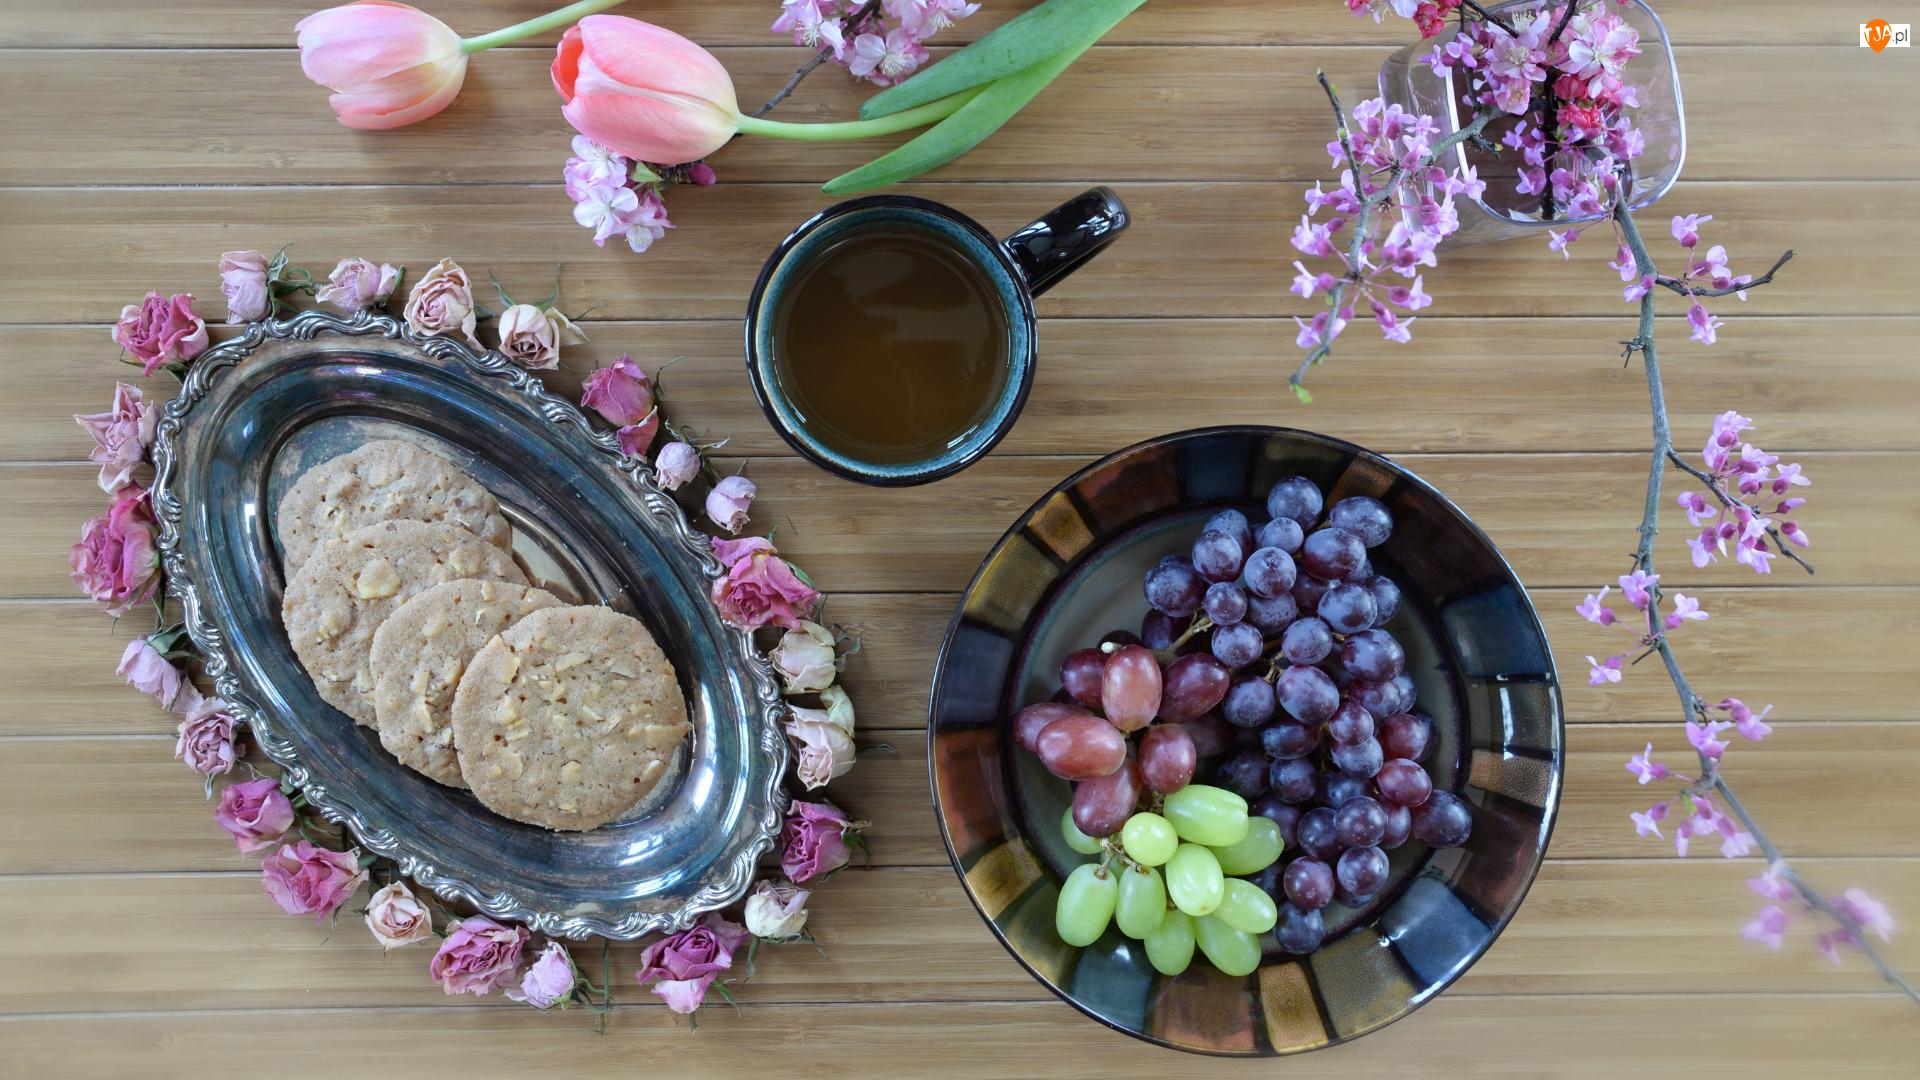 Kompozycja, Tulipany, Kawa, Winogrona, Ciasteczka, Gałęzie, Talerze, Kwiaty, Owoce